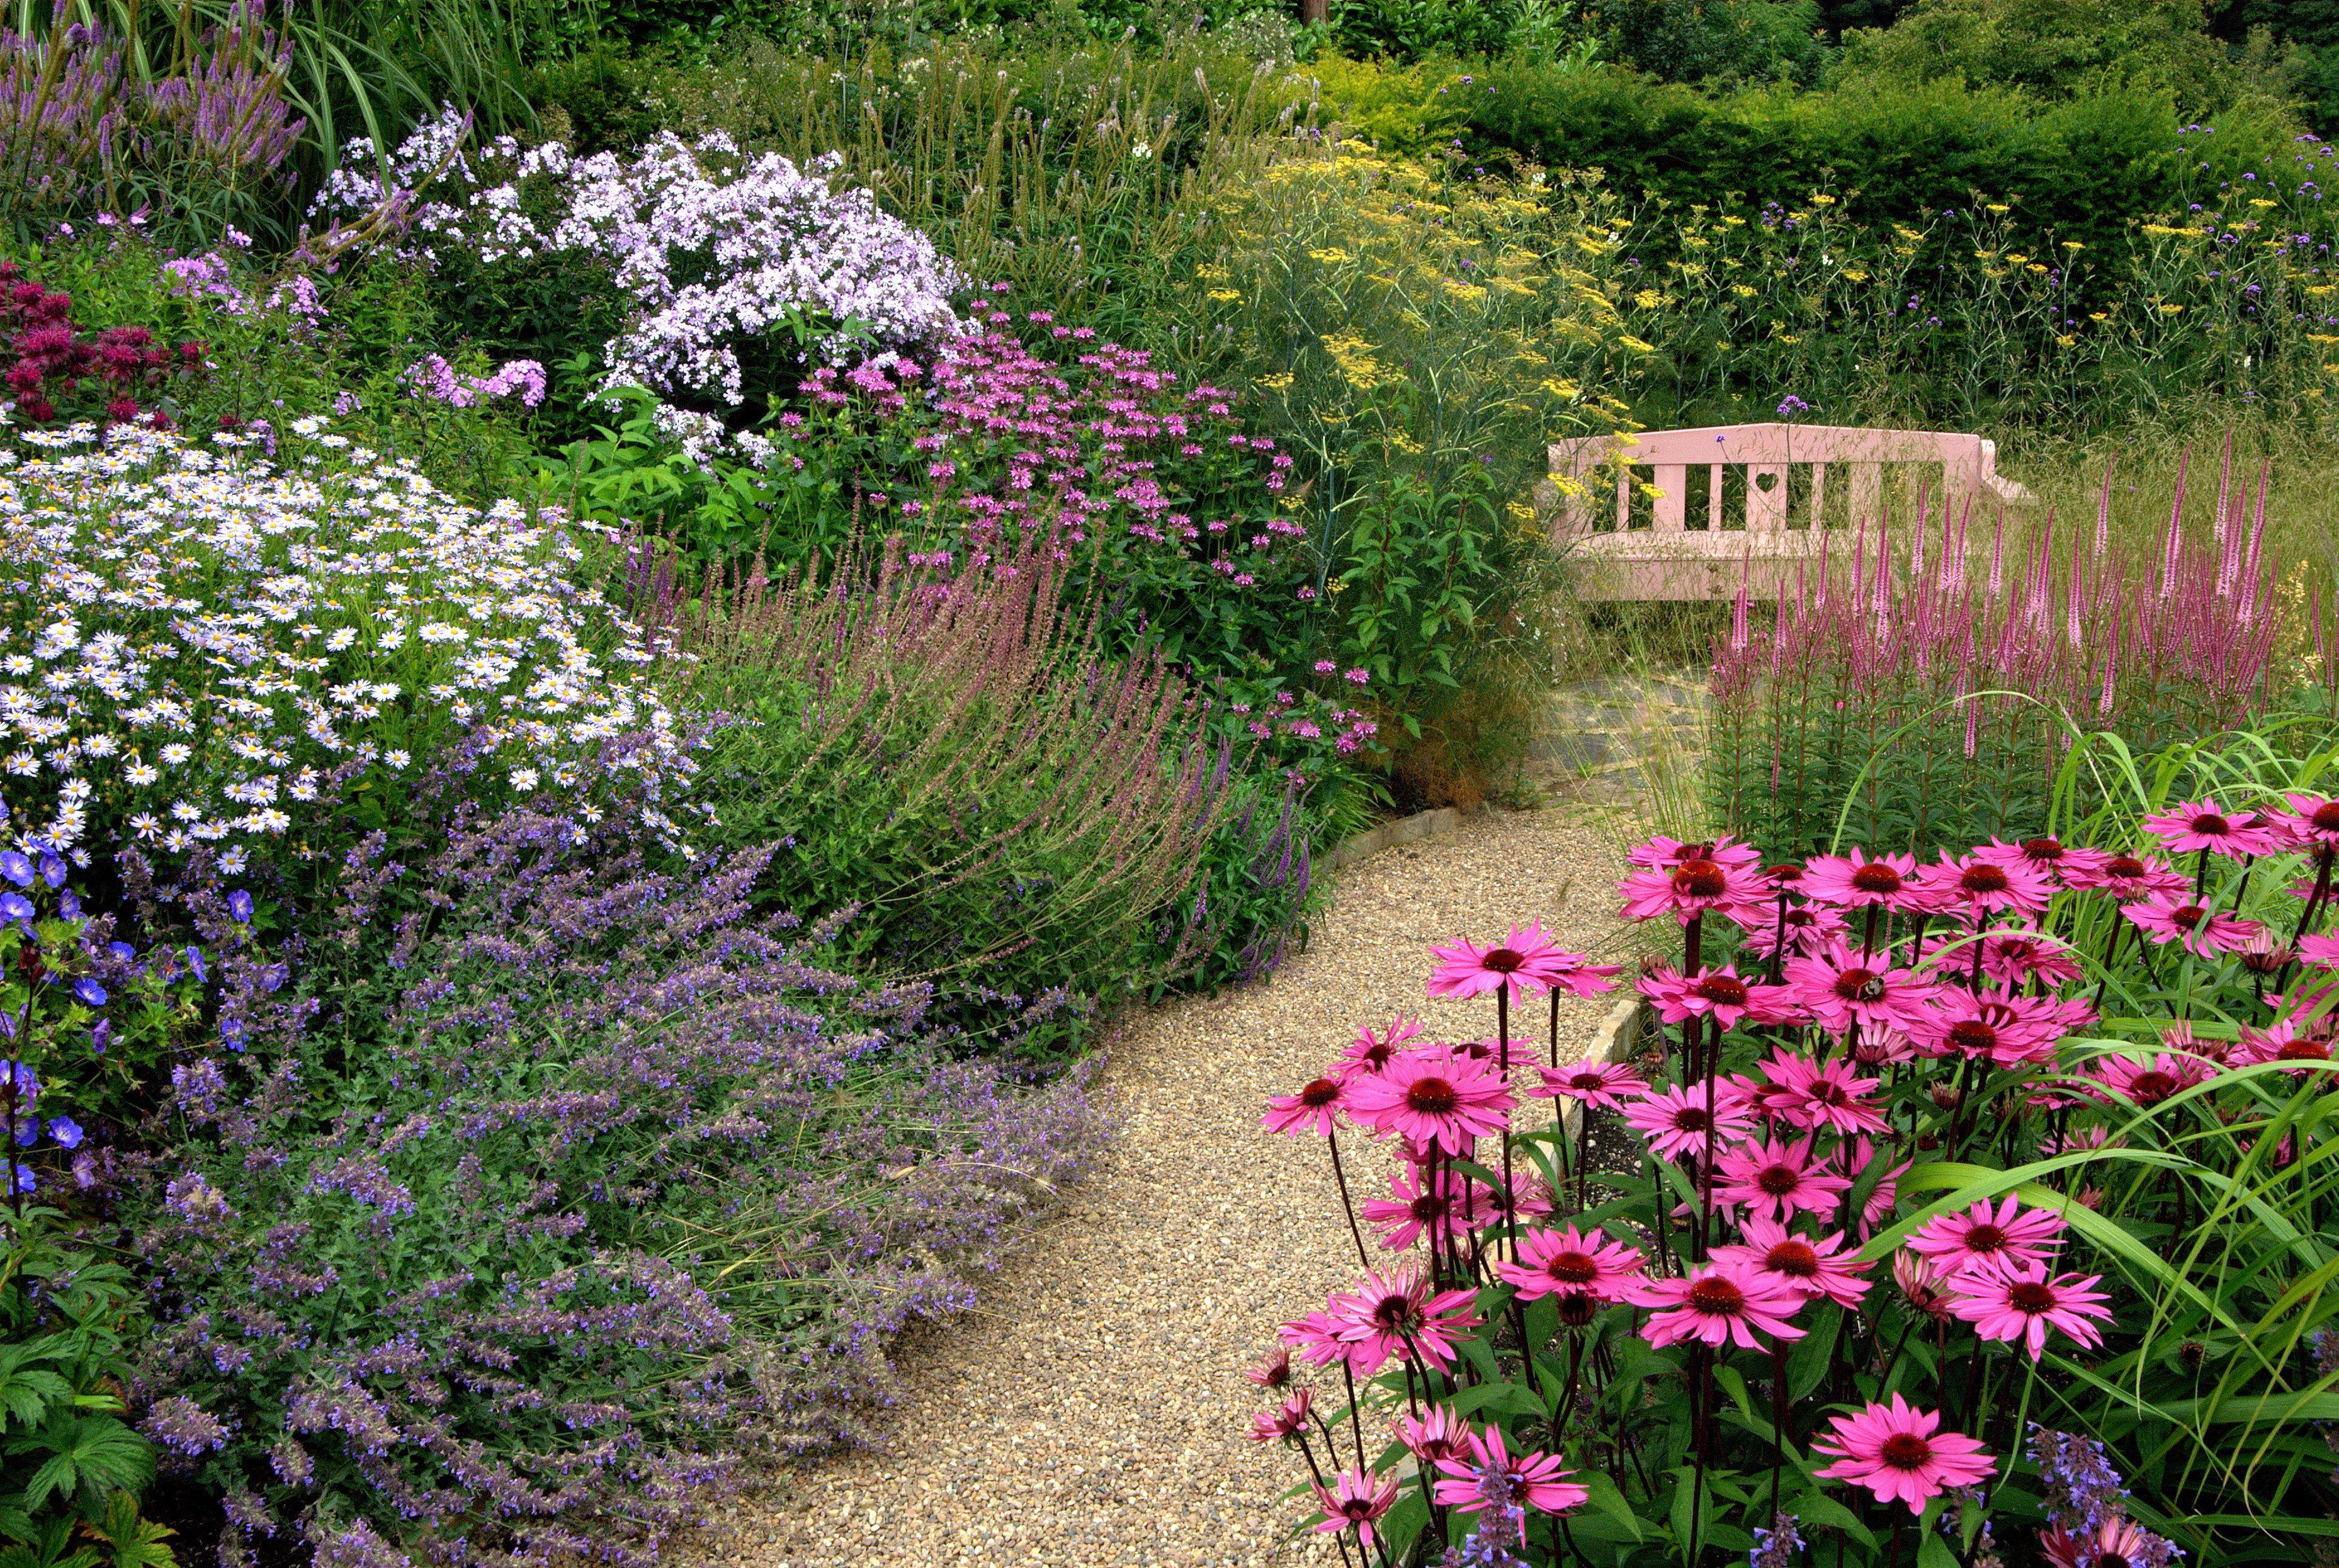 cottage garden photo by jane sebire - Cottage Garden